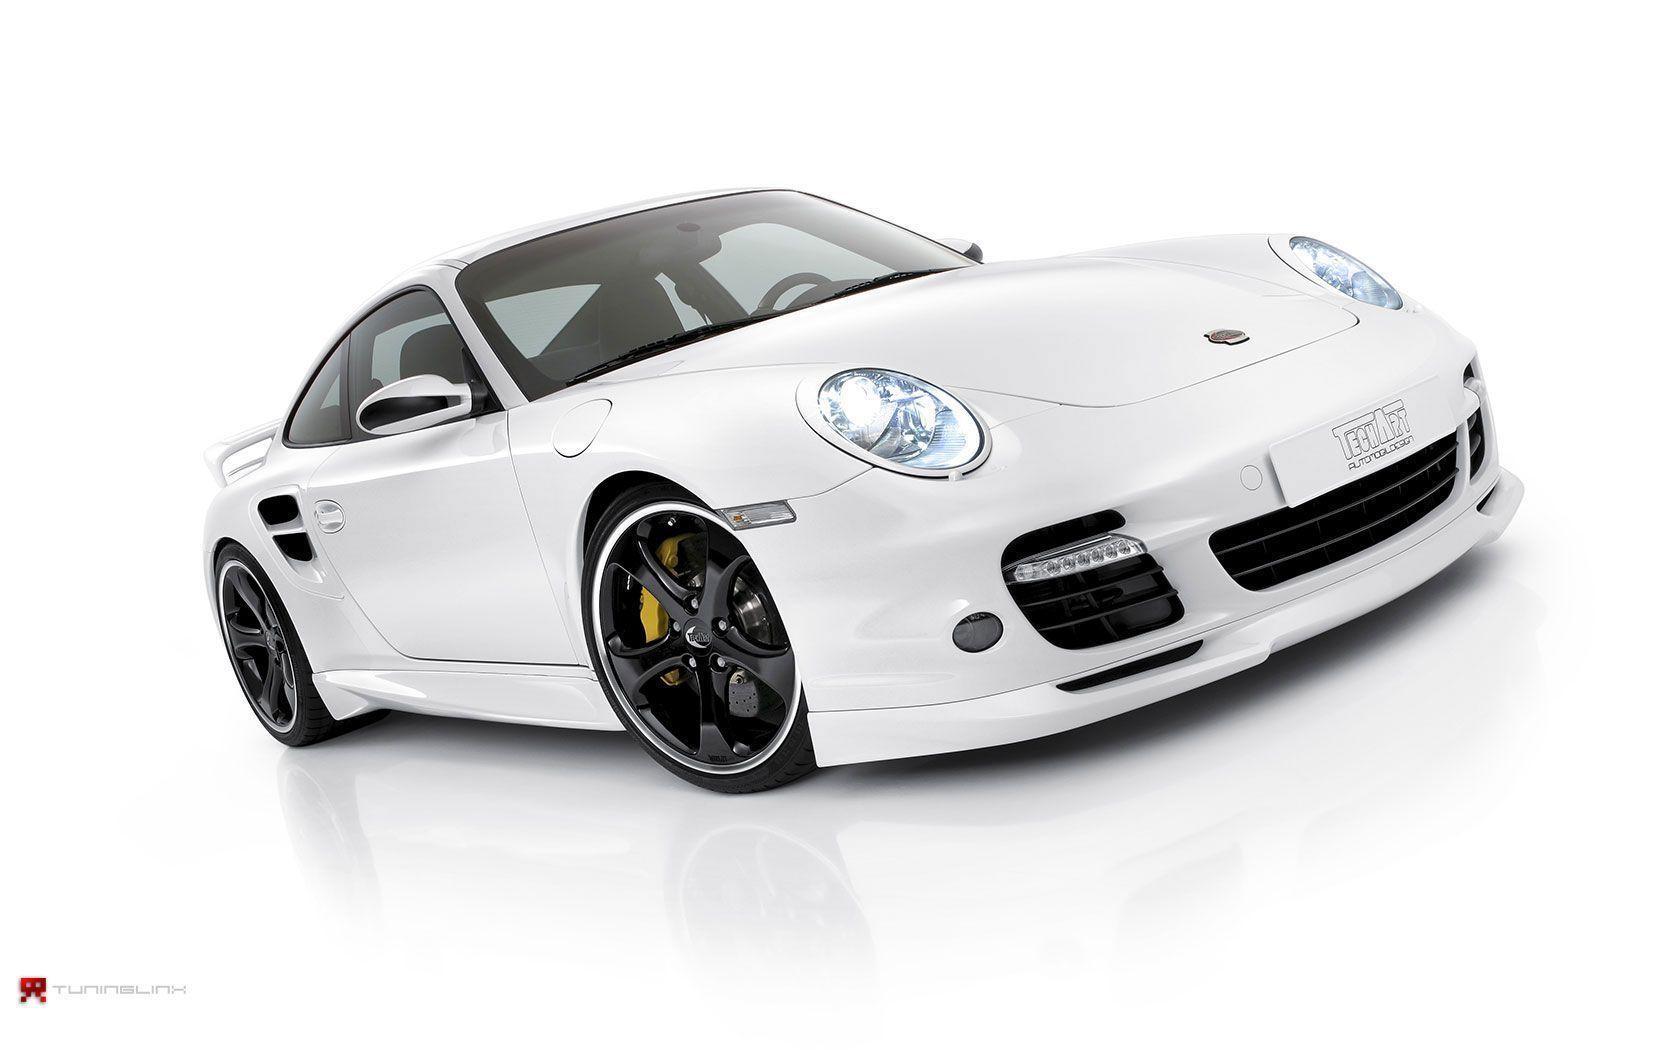 Porsche Cayman 981 Wallpaper · Porsche Wallpapers | Best Desktop ...